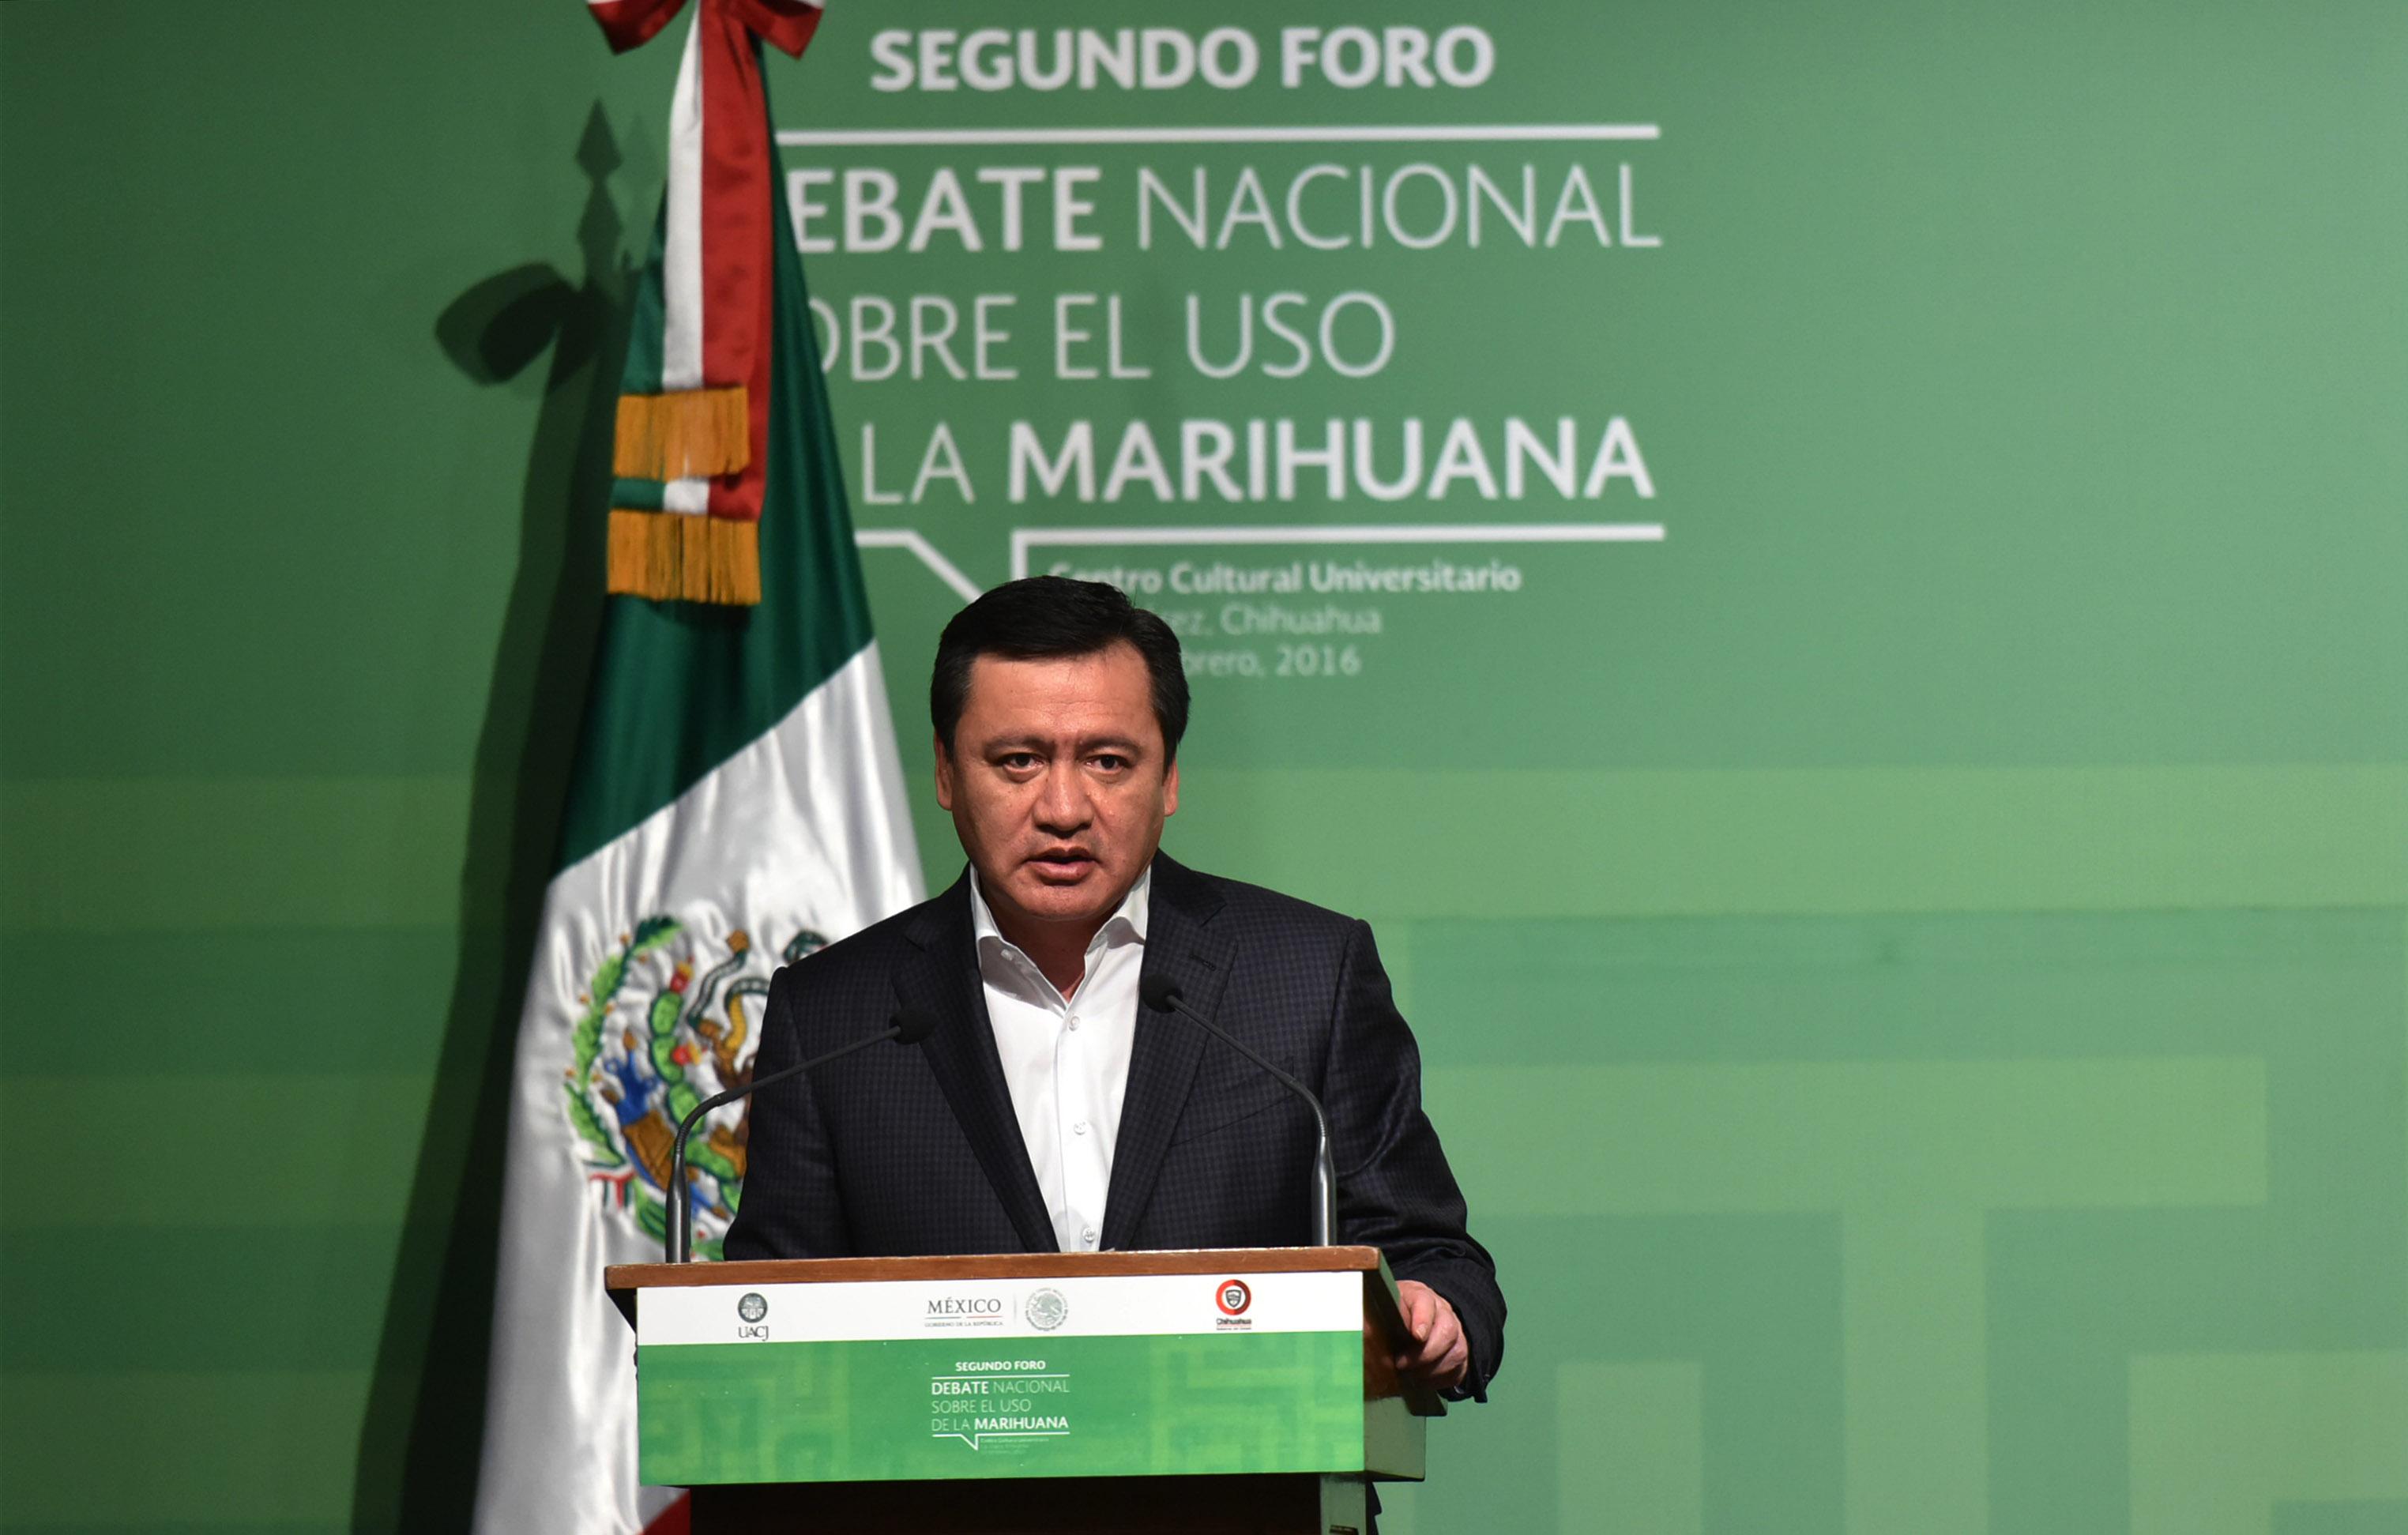 Segundo Foro sobre el Debate Nacional sobre el Uso de la Marihuana.